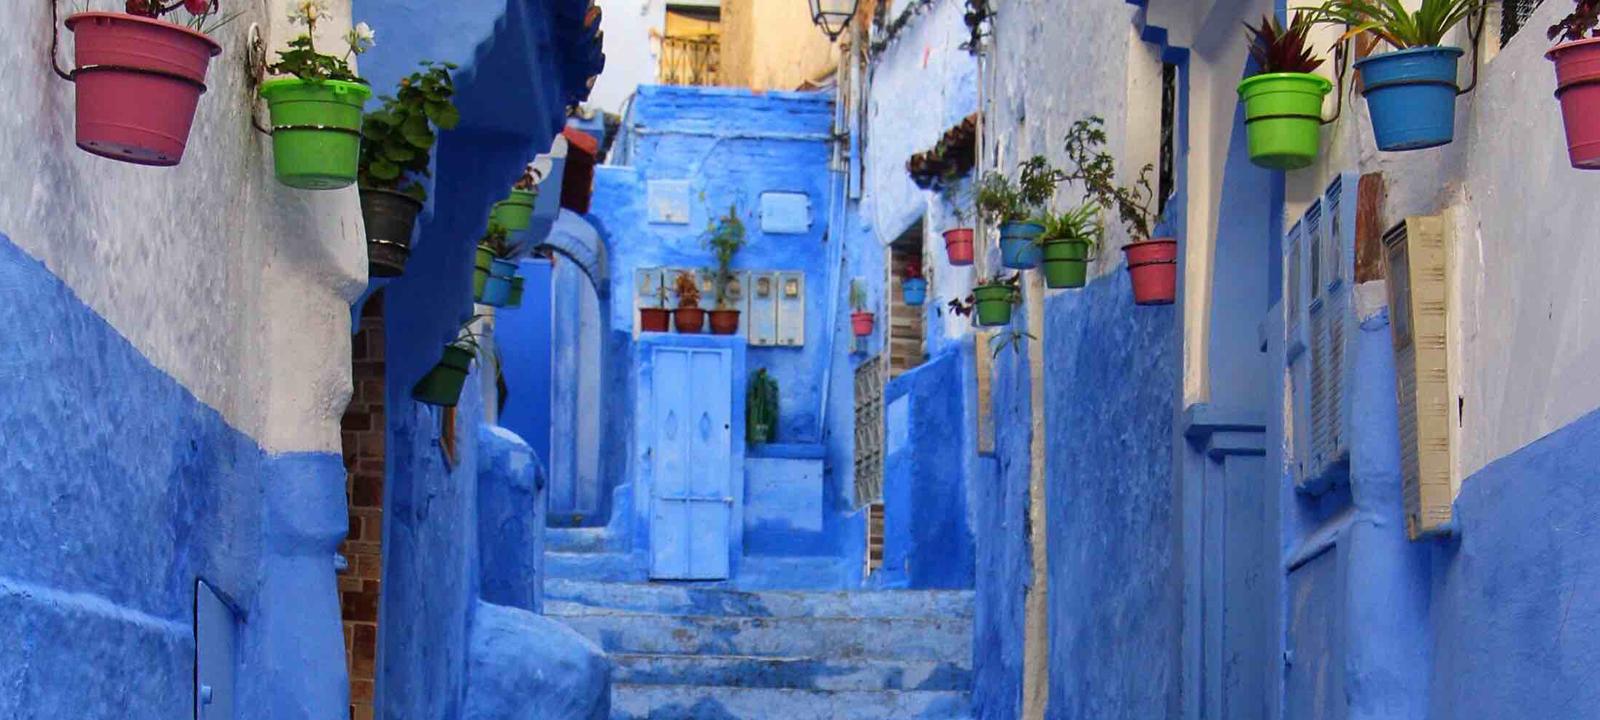 Excursion Maroc 14 jours et 13 nuits - Excursion Maroc